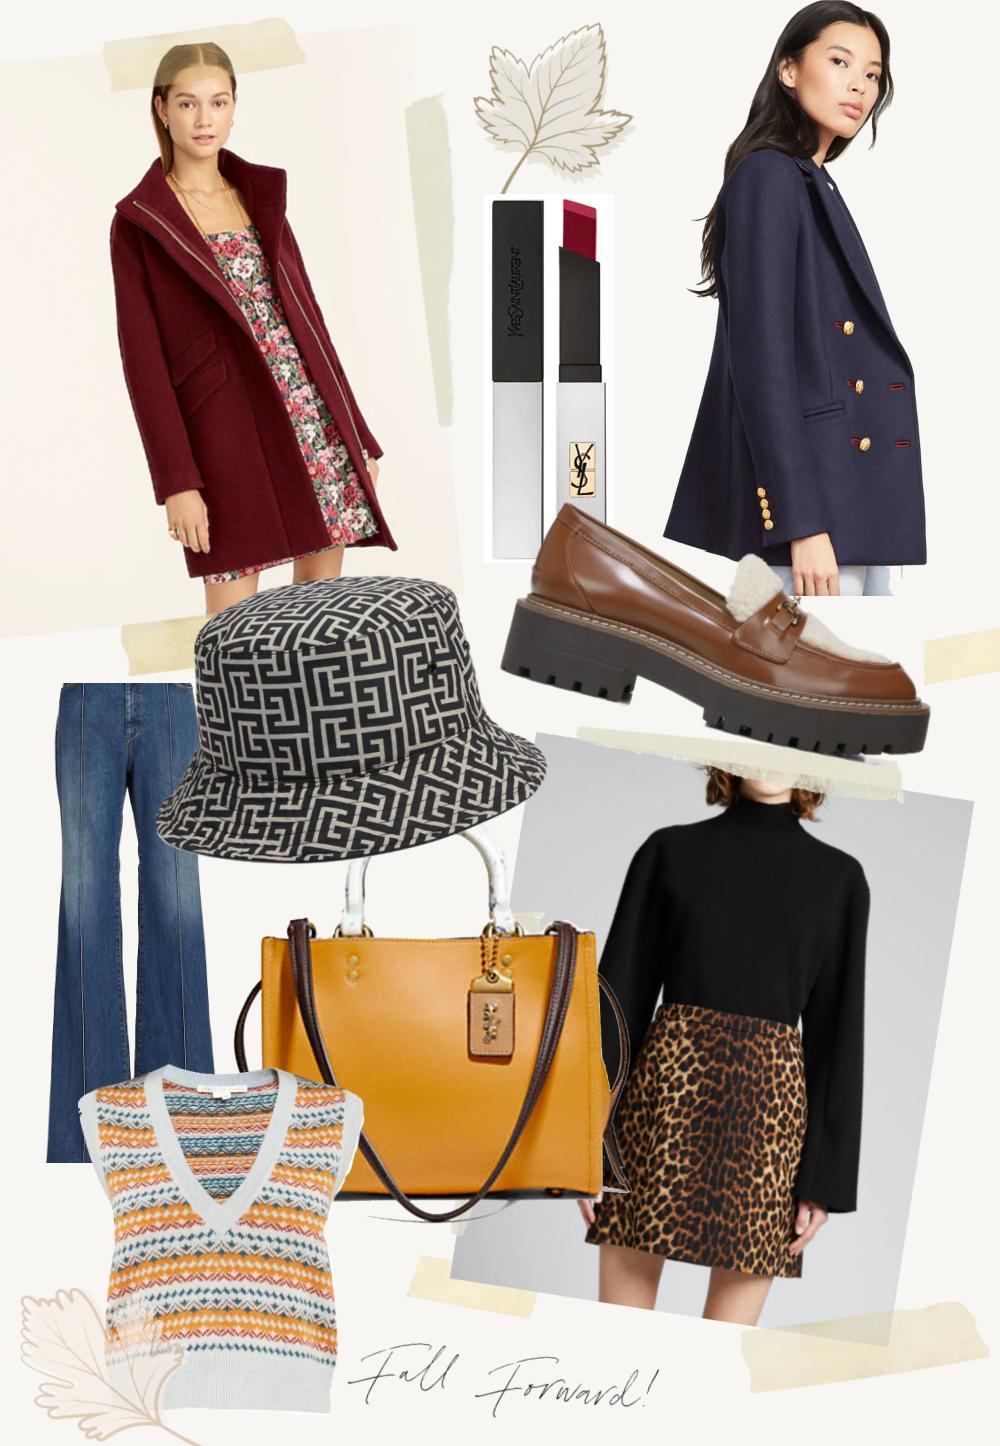 Fall 2021 Outfit Essentials I DreaminLace.com